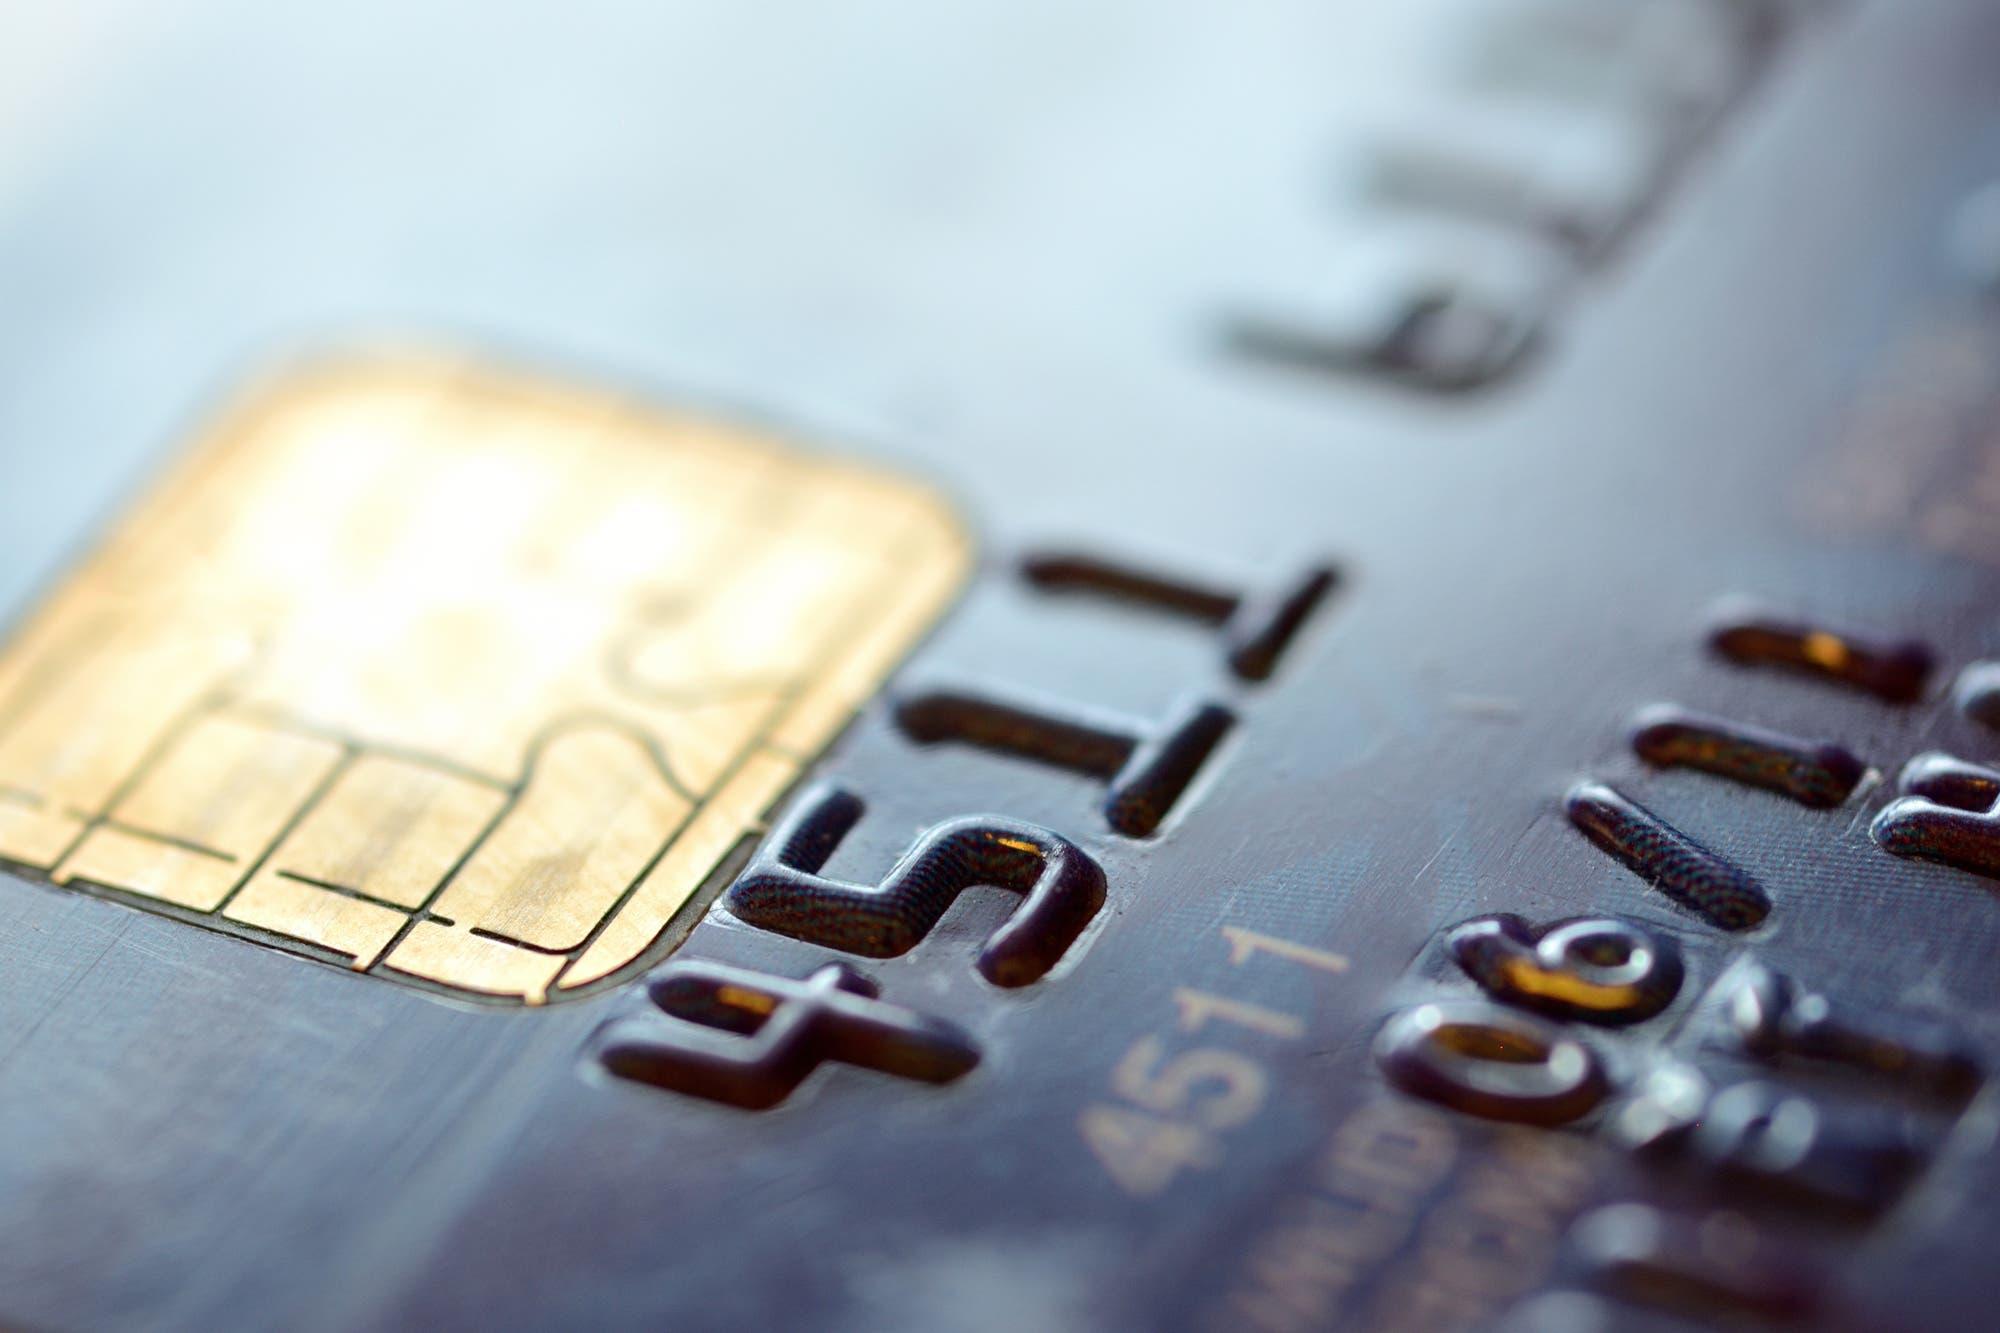 Limitan a US$50 las compras de divisas por vía de tarjetas en el exterior